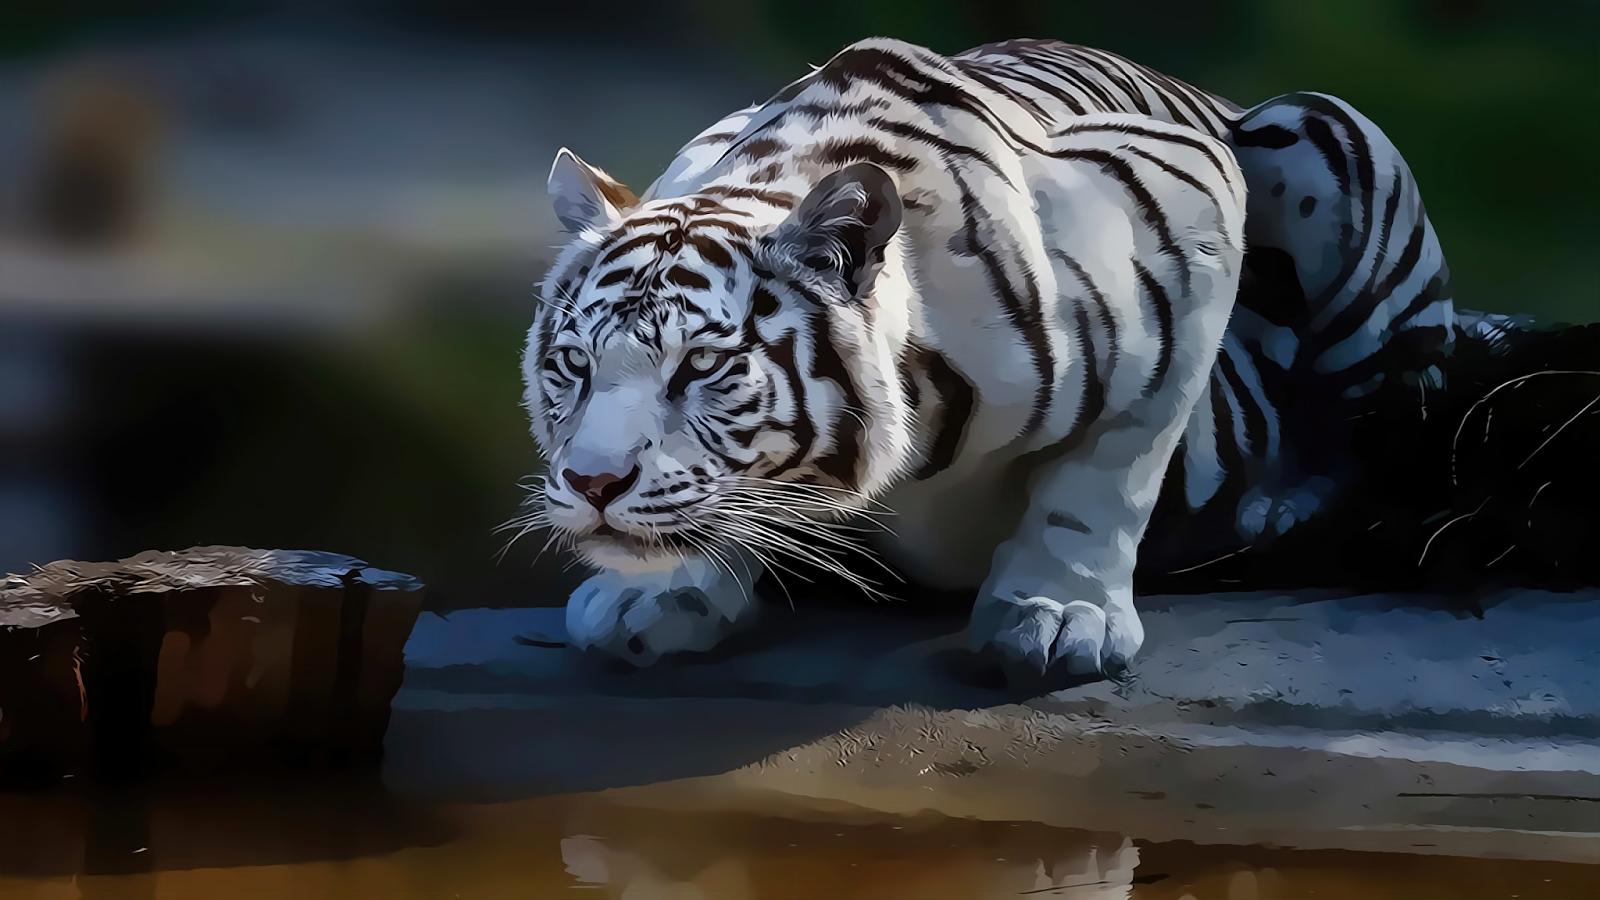 WhiteTiger0126.png 5120x2880x24(RGB) #white #tiger  #animal #endangered #predator #majestic